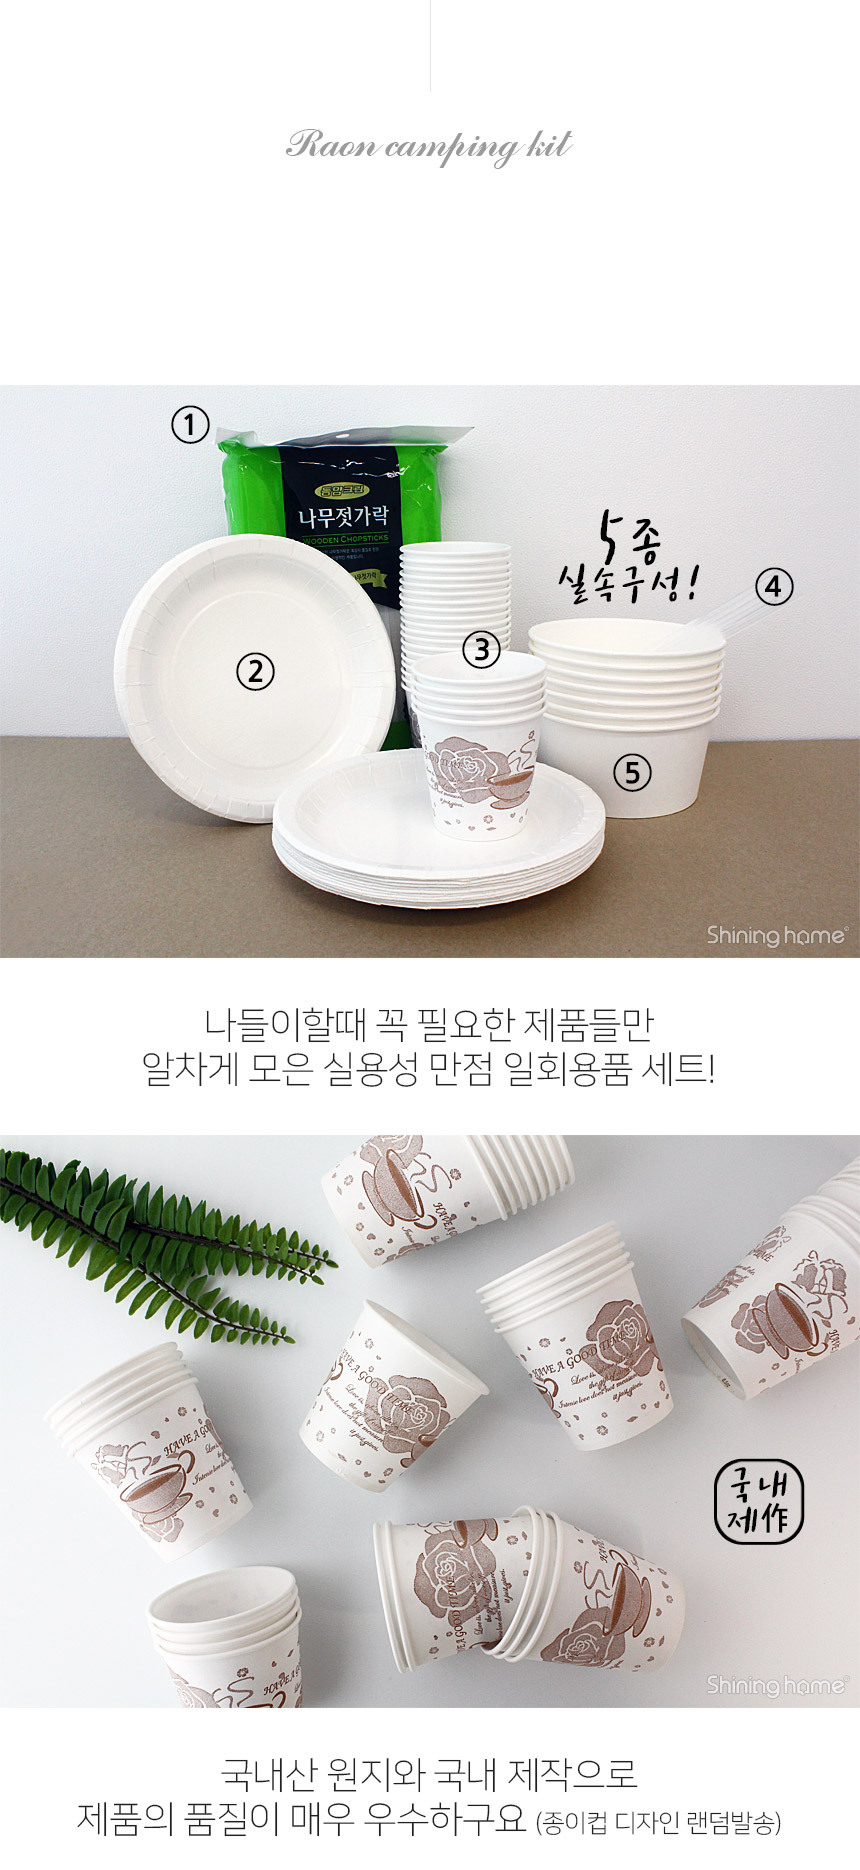 라온 캠핑용 일회용품 5종 세트 - 샤이닝홈, 17,900원, 피크닉도시락/식기, 피크닉용식기